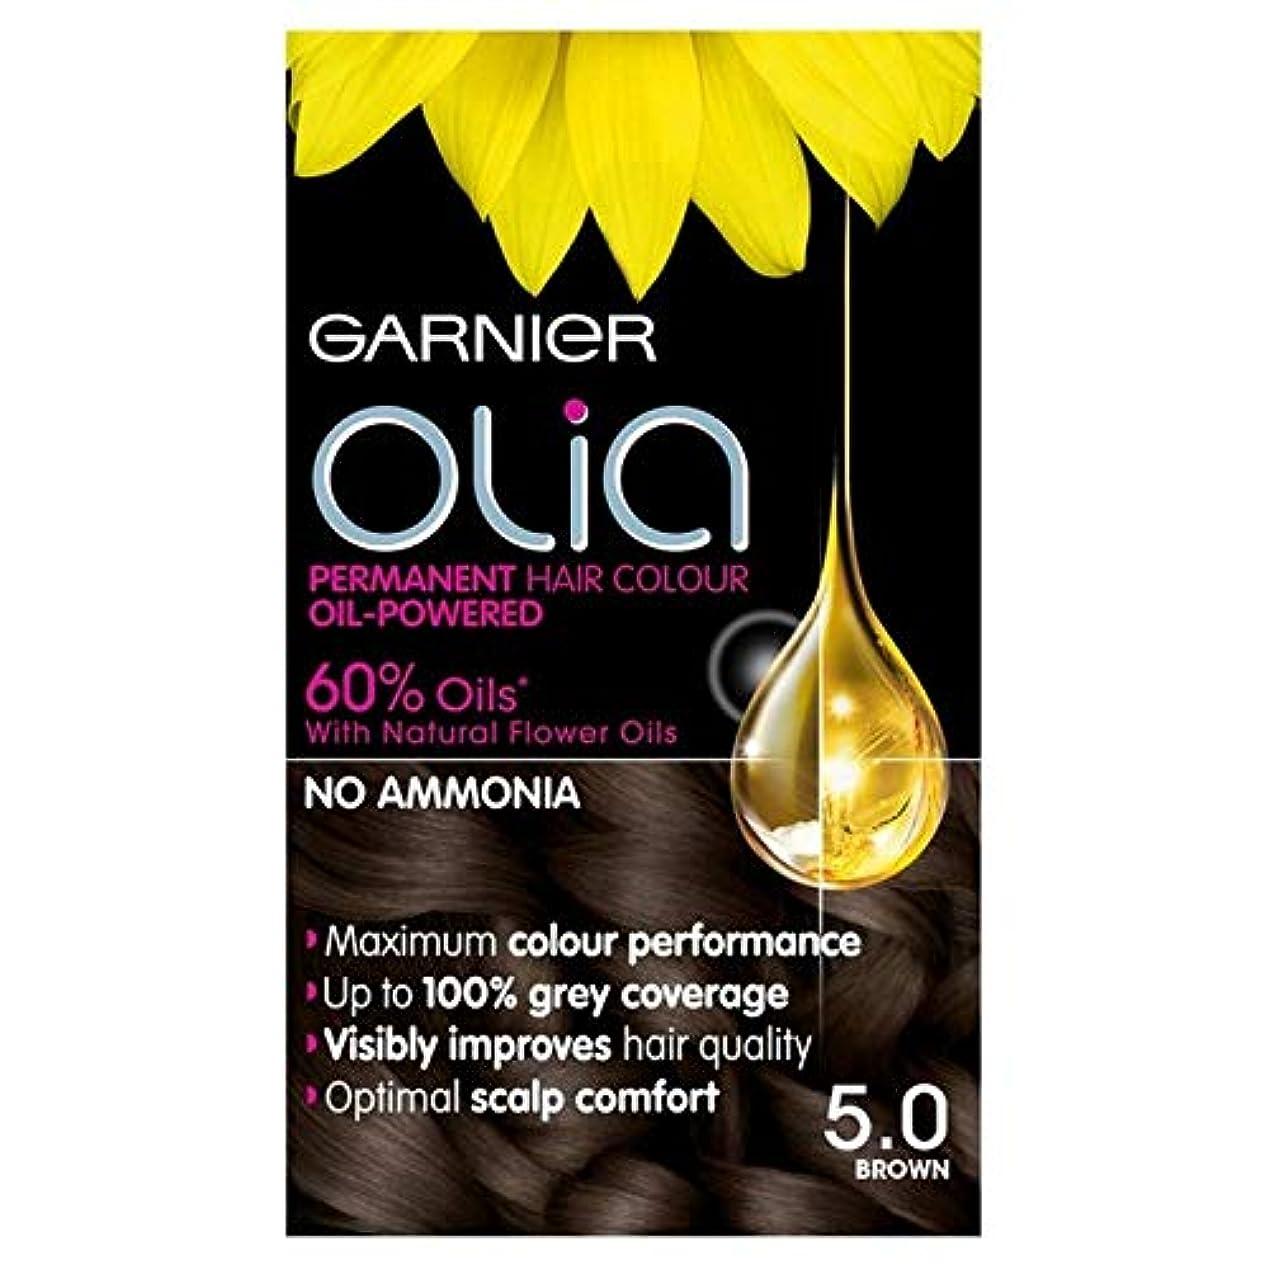 機密潜在的な擬人化[Garnier ] 5.0茶色の永久染毛剤Oliaガルニエ - Garnier Olia 5.0 Brown Permanent Hair Dye [並行輸入品]